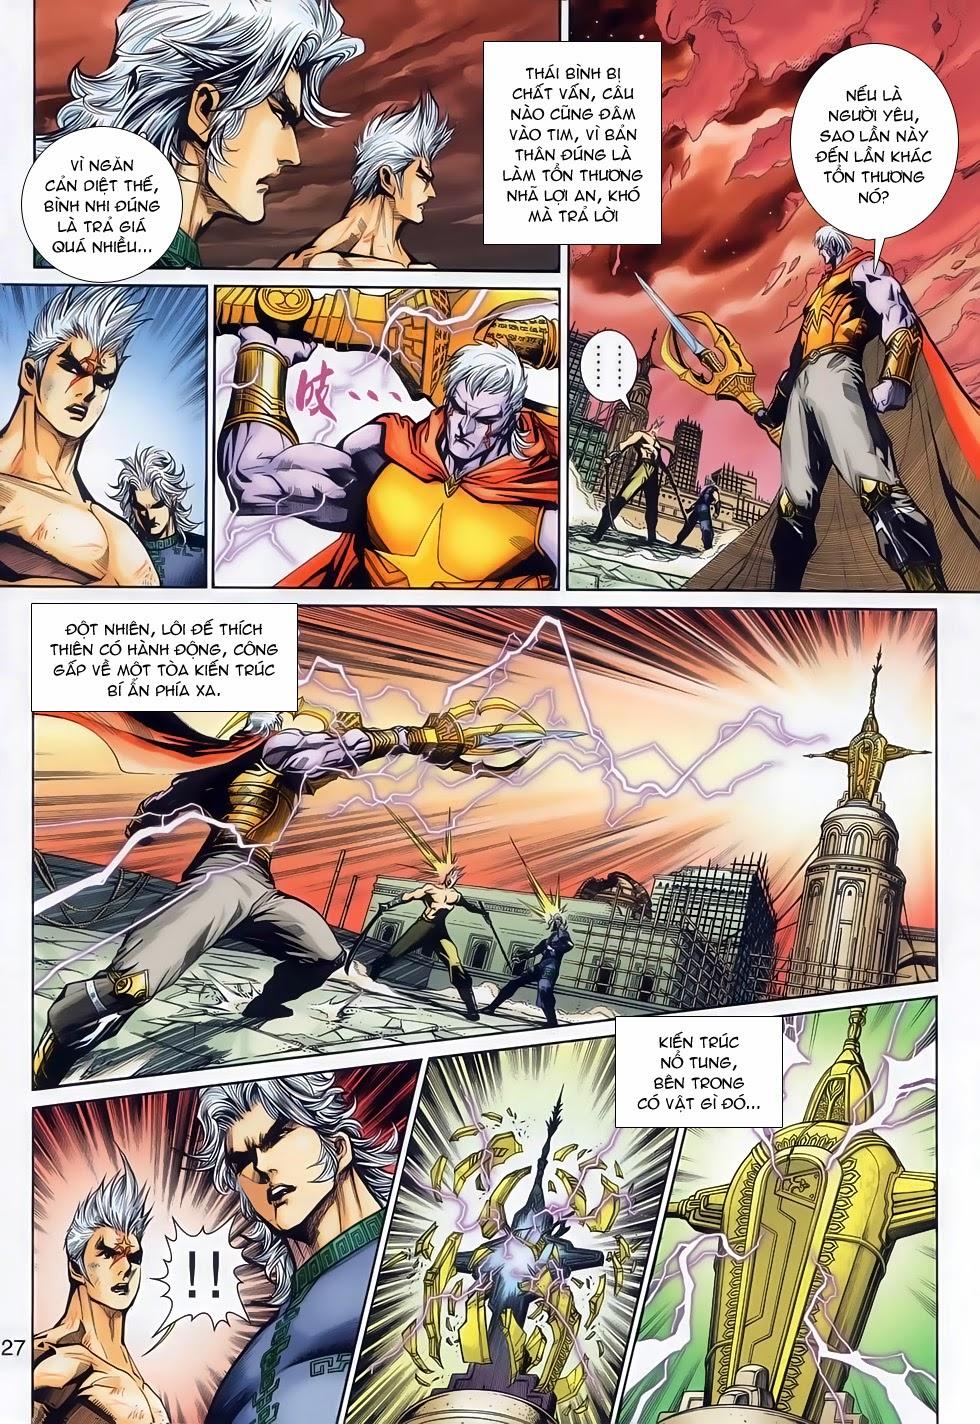 Thần Binh Tiền Truyện 2 chap 21 Trang 26 - Mangak.info